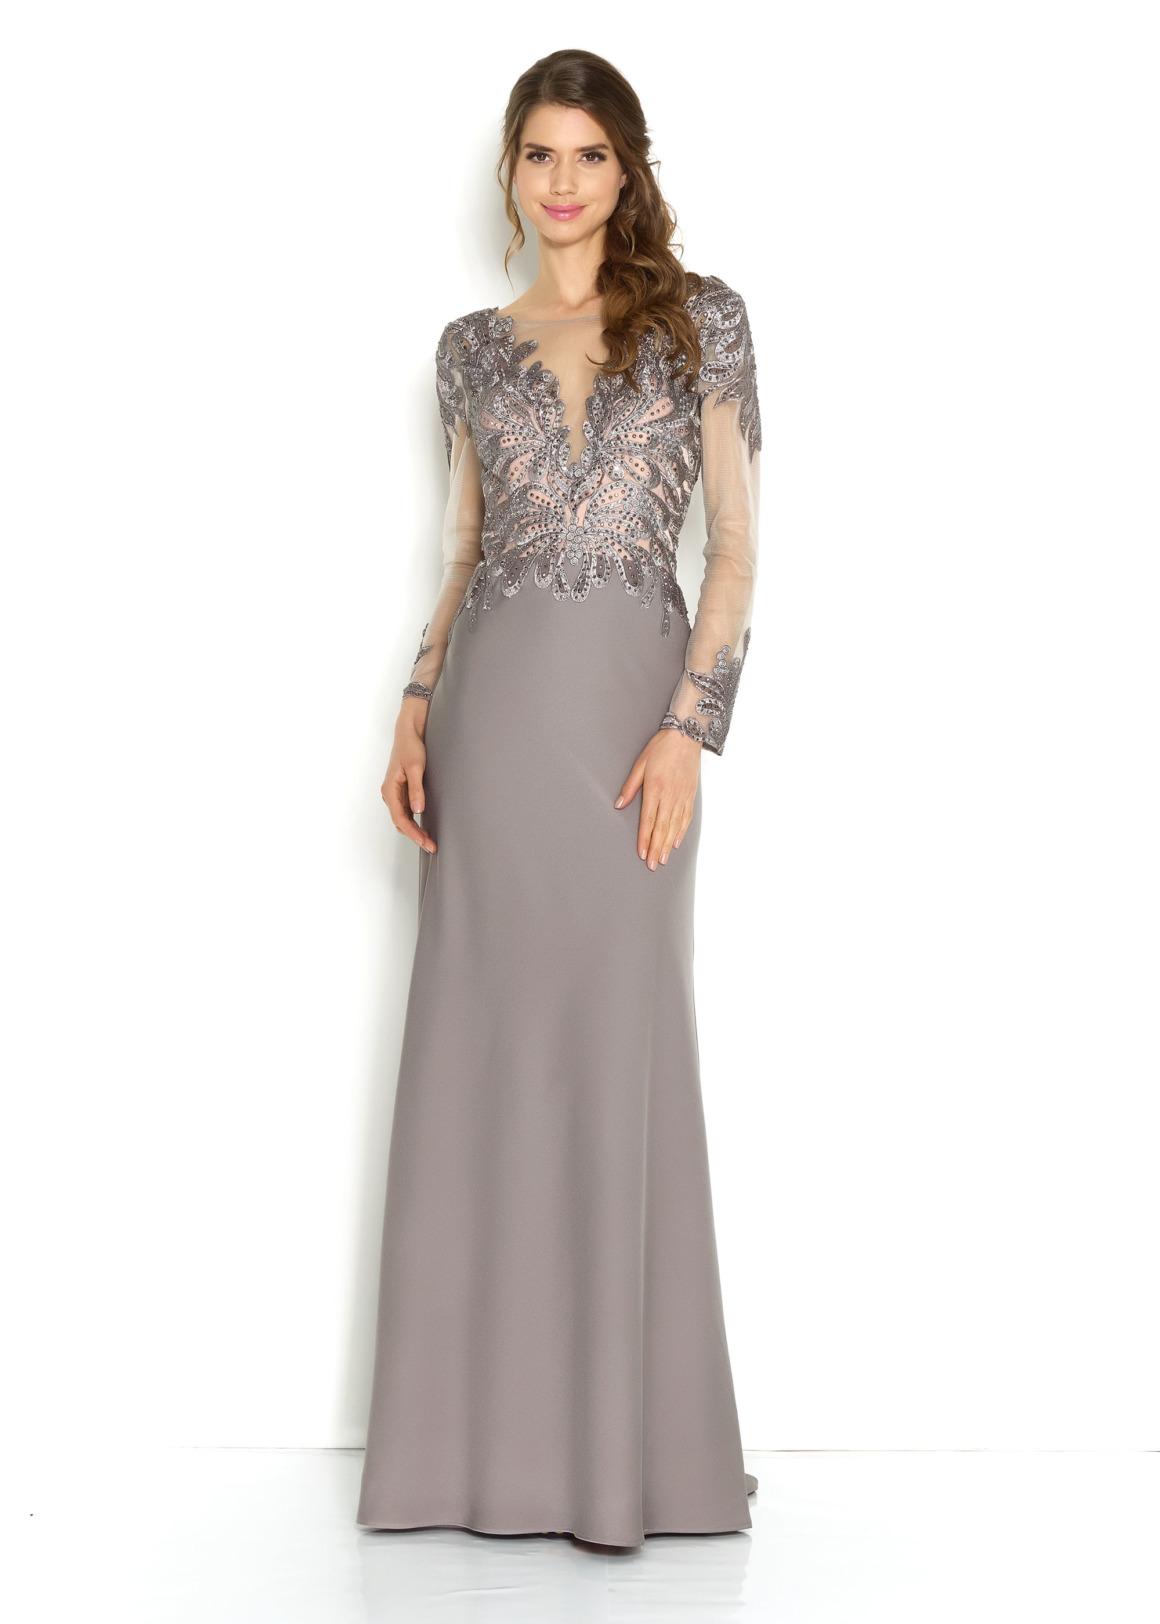 Silberhochzeit Goldhochzeit Abendkleider Festmode für Damen Jubiläumshochzeit langes Kleid in silber grau mit langem Arm Oberteil mit Stickerei Rock schlicht